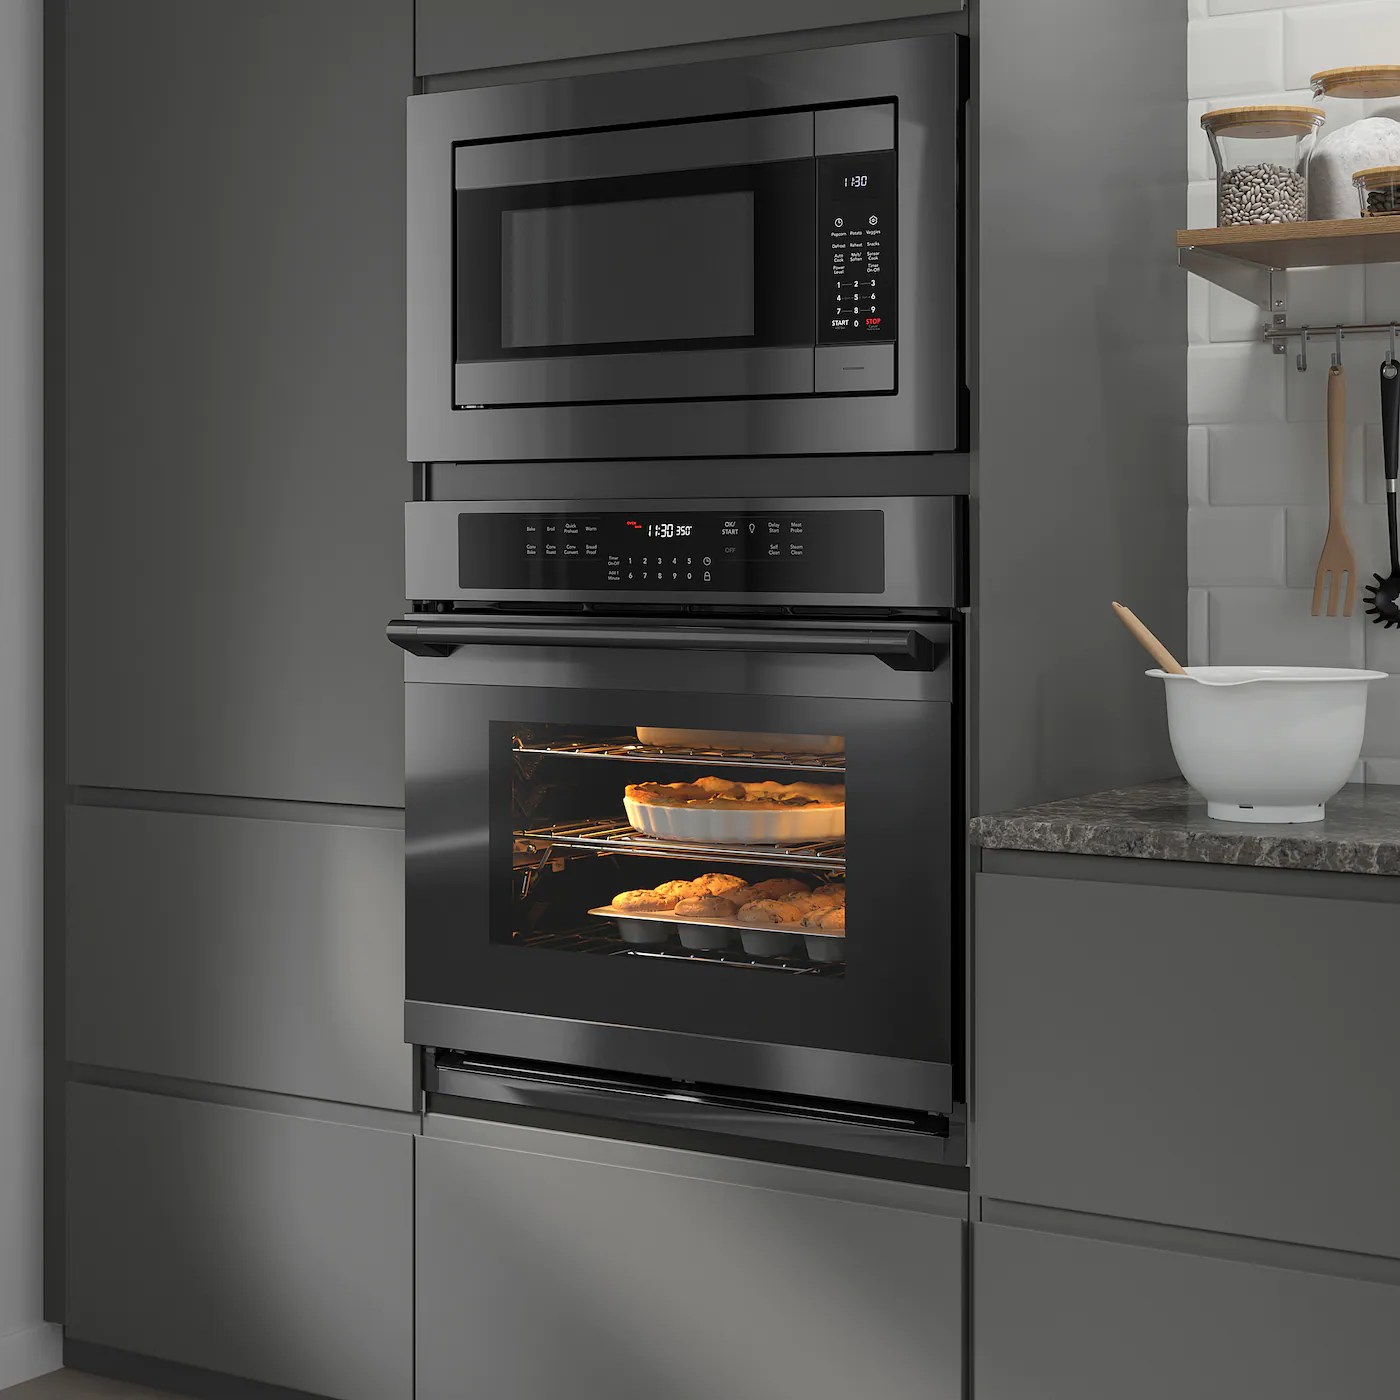 huvudsaklig built in microwave black stainless steel